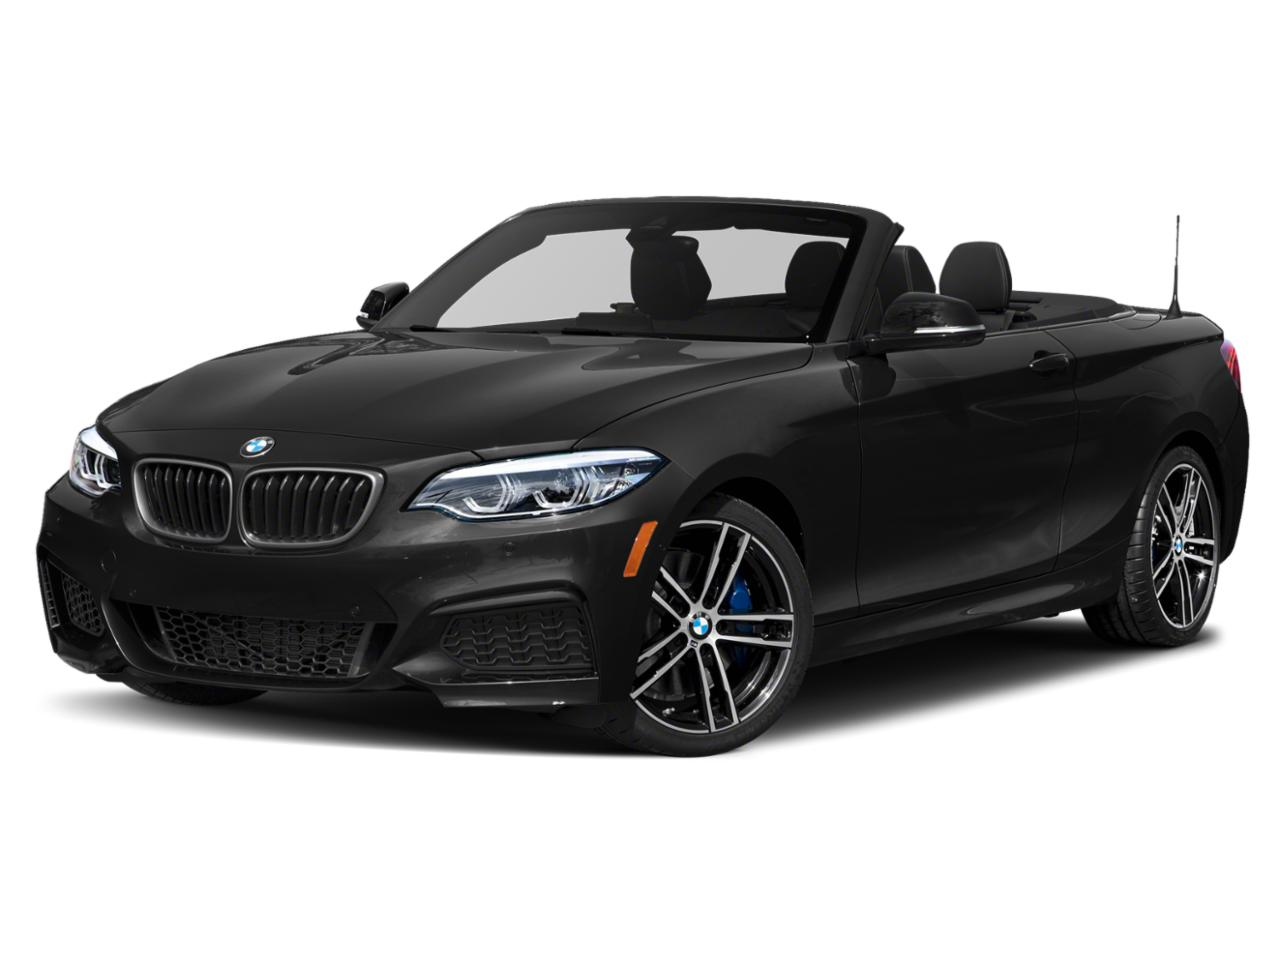 2020 BMW M240i xDrive Vehicle Photo in Grapevine, TX 76051